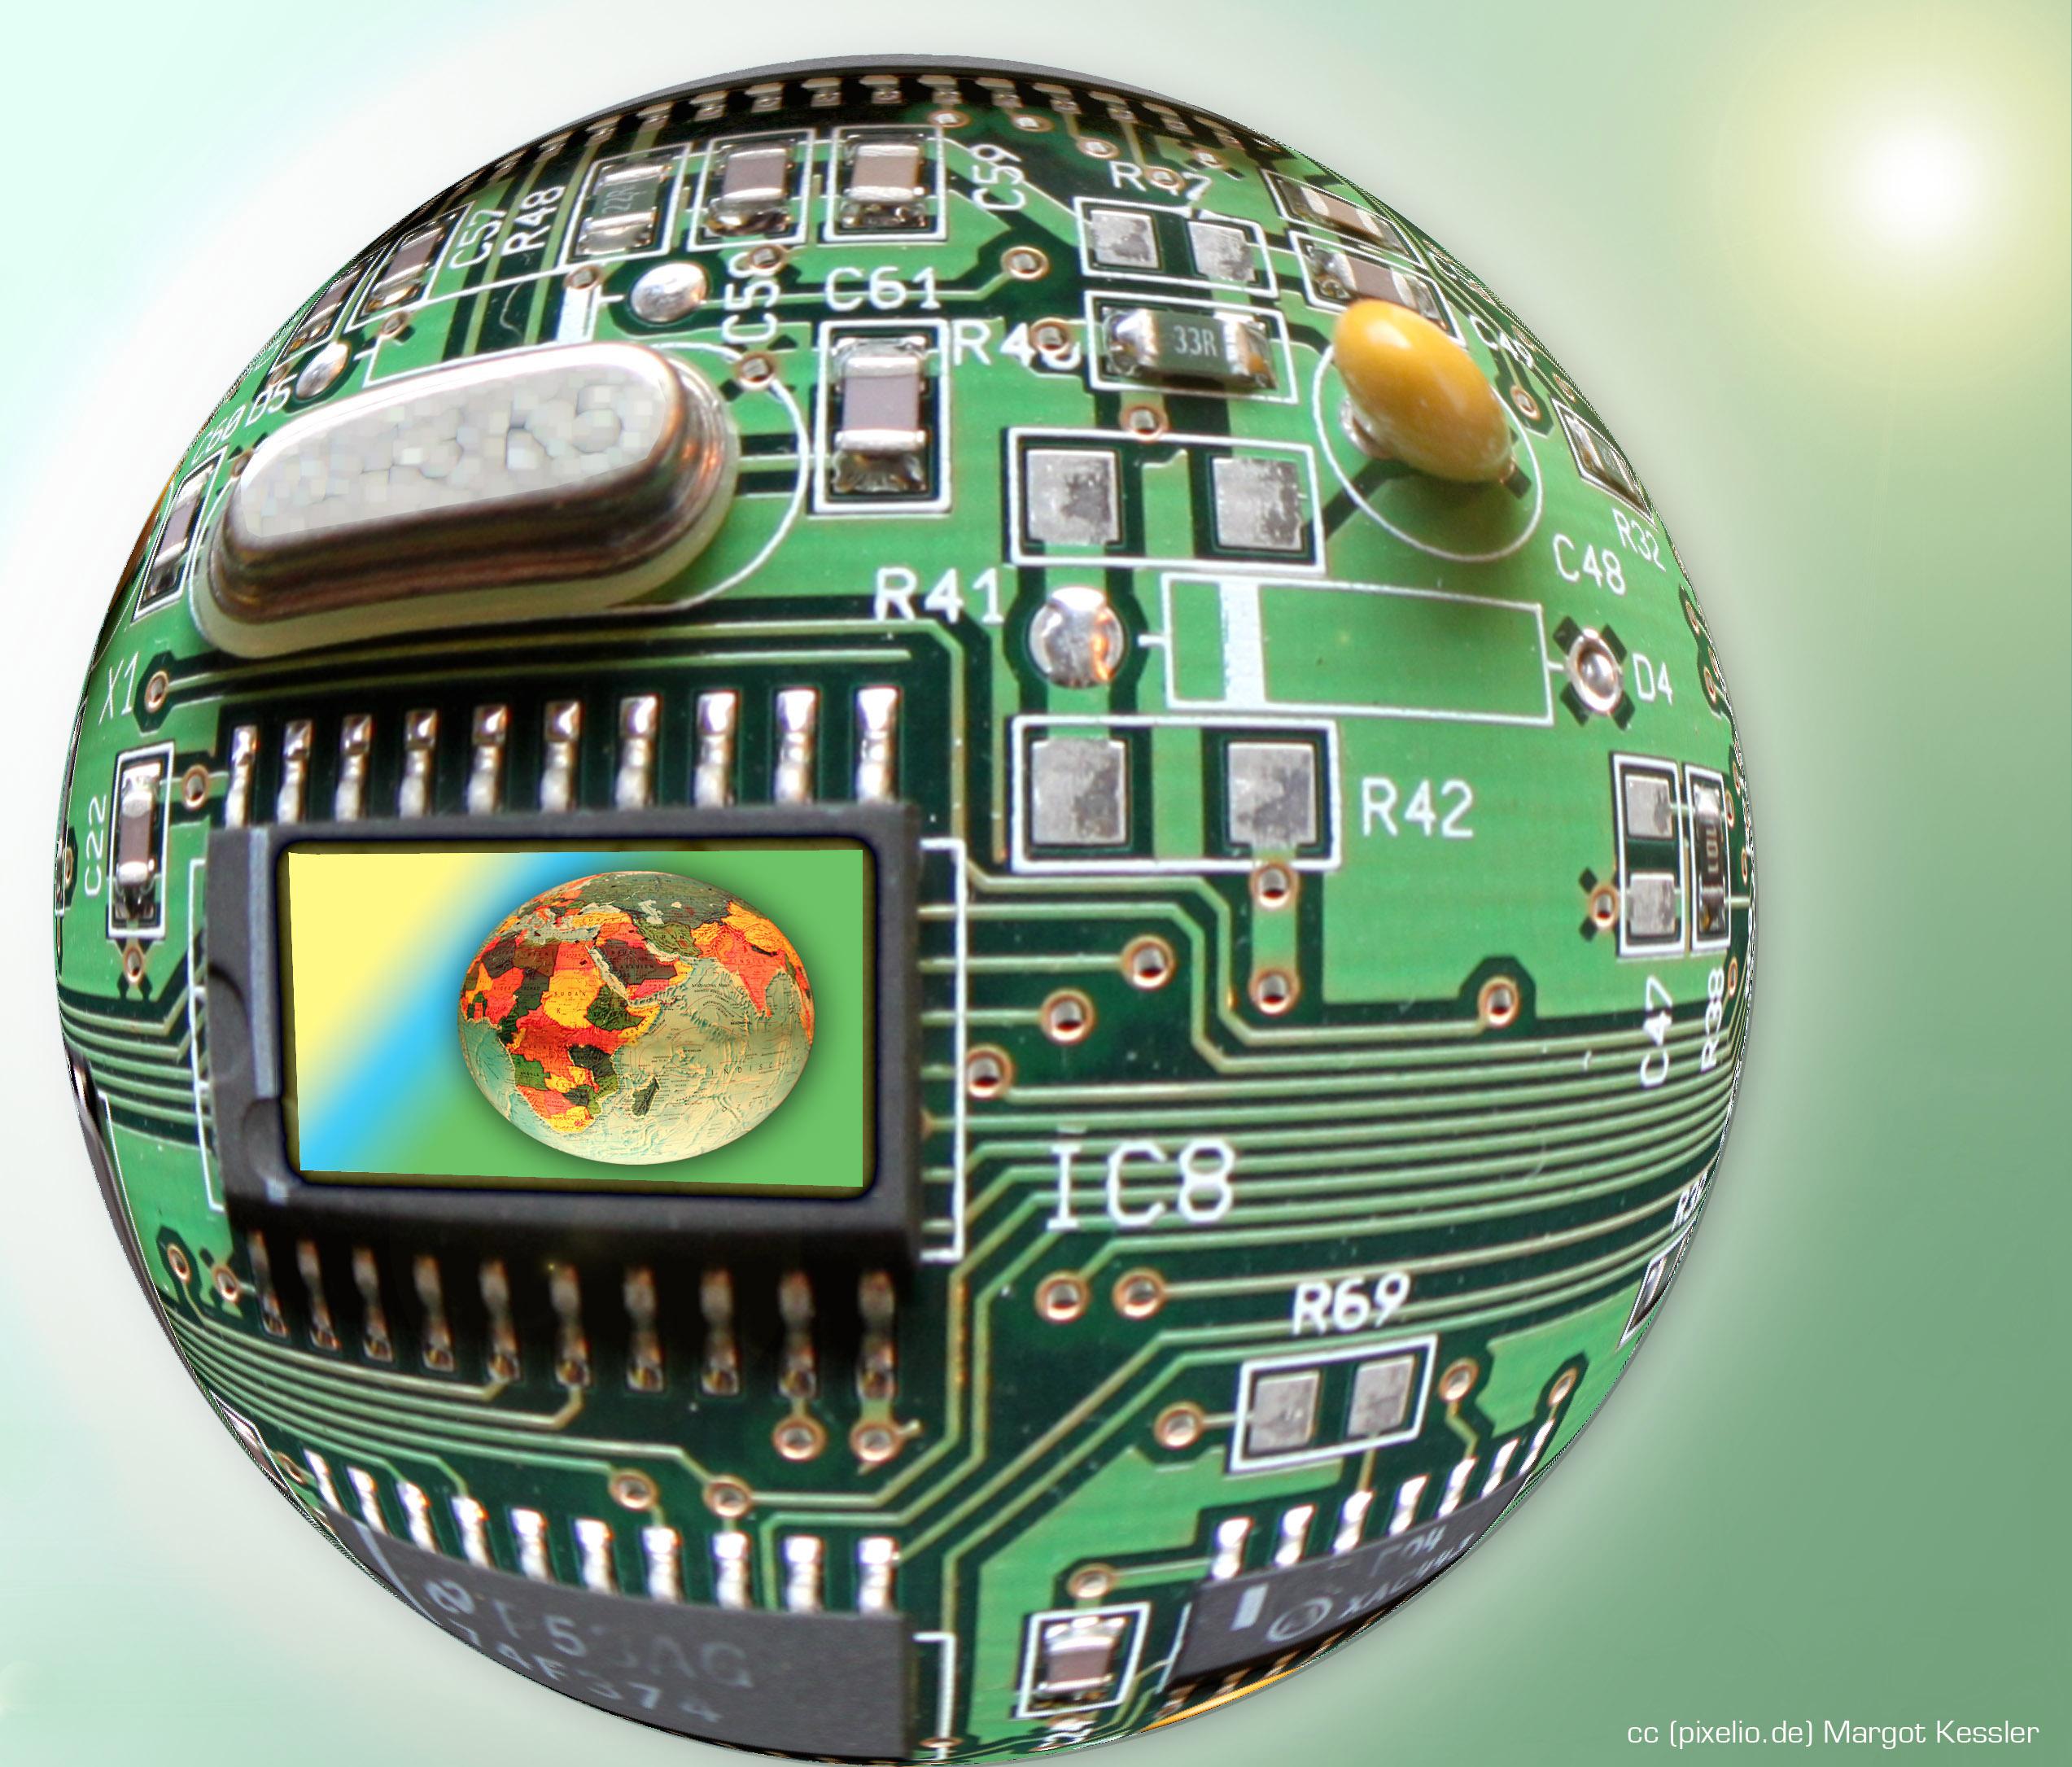 141101 Otti Expertentipp die digitale Welt in der wir leben teil 2